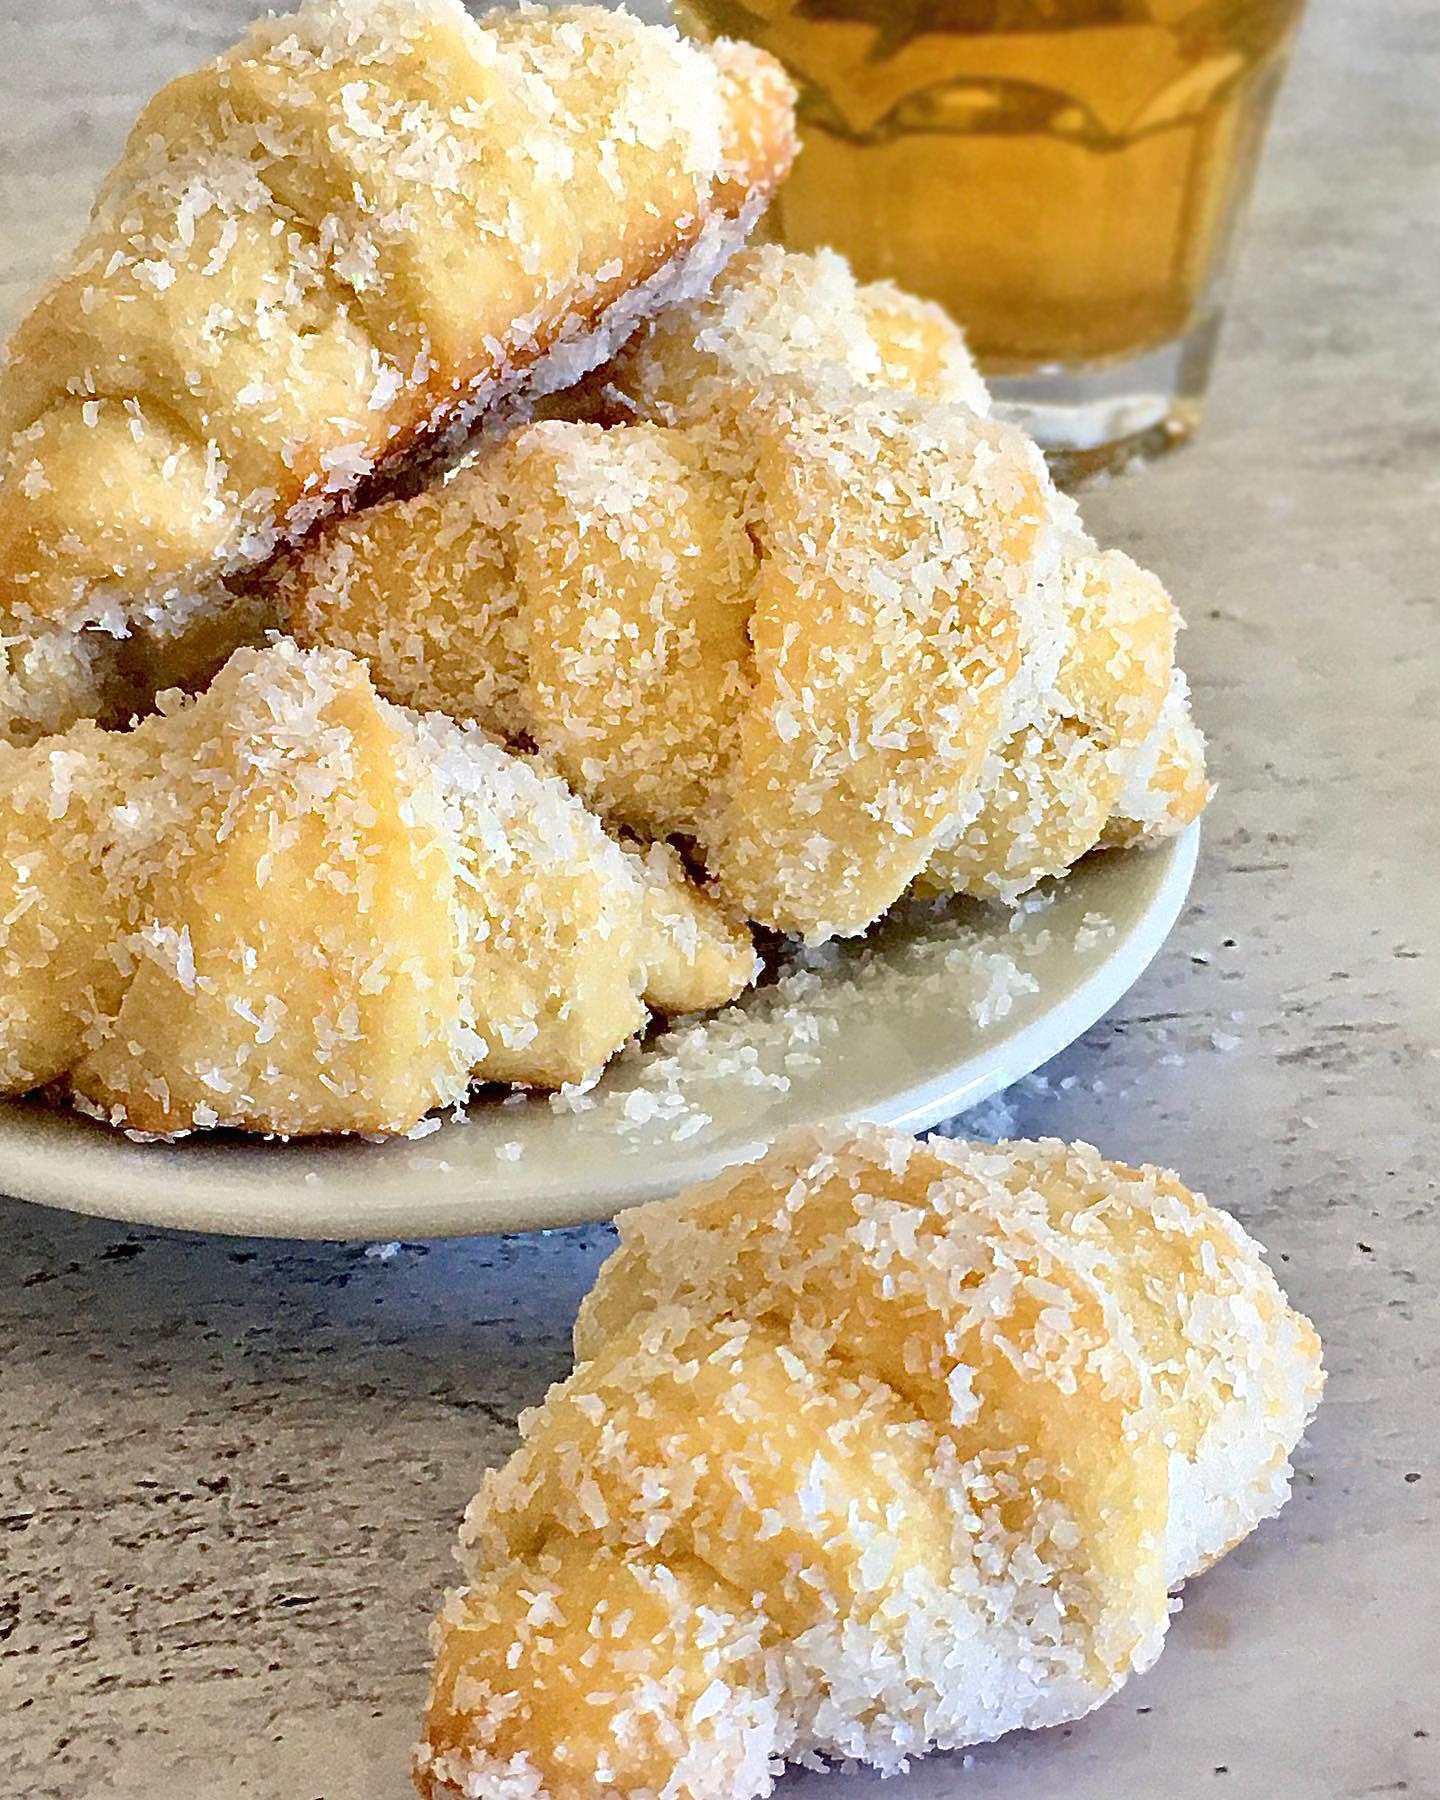 עוגיות קרואסון קוקוס | צילום: ספיר דהן